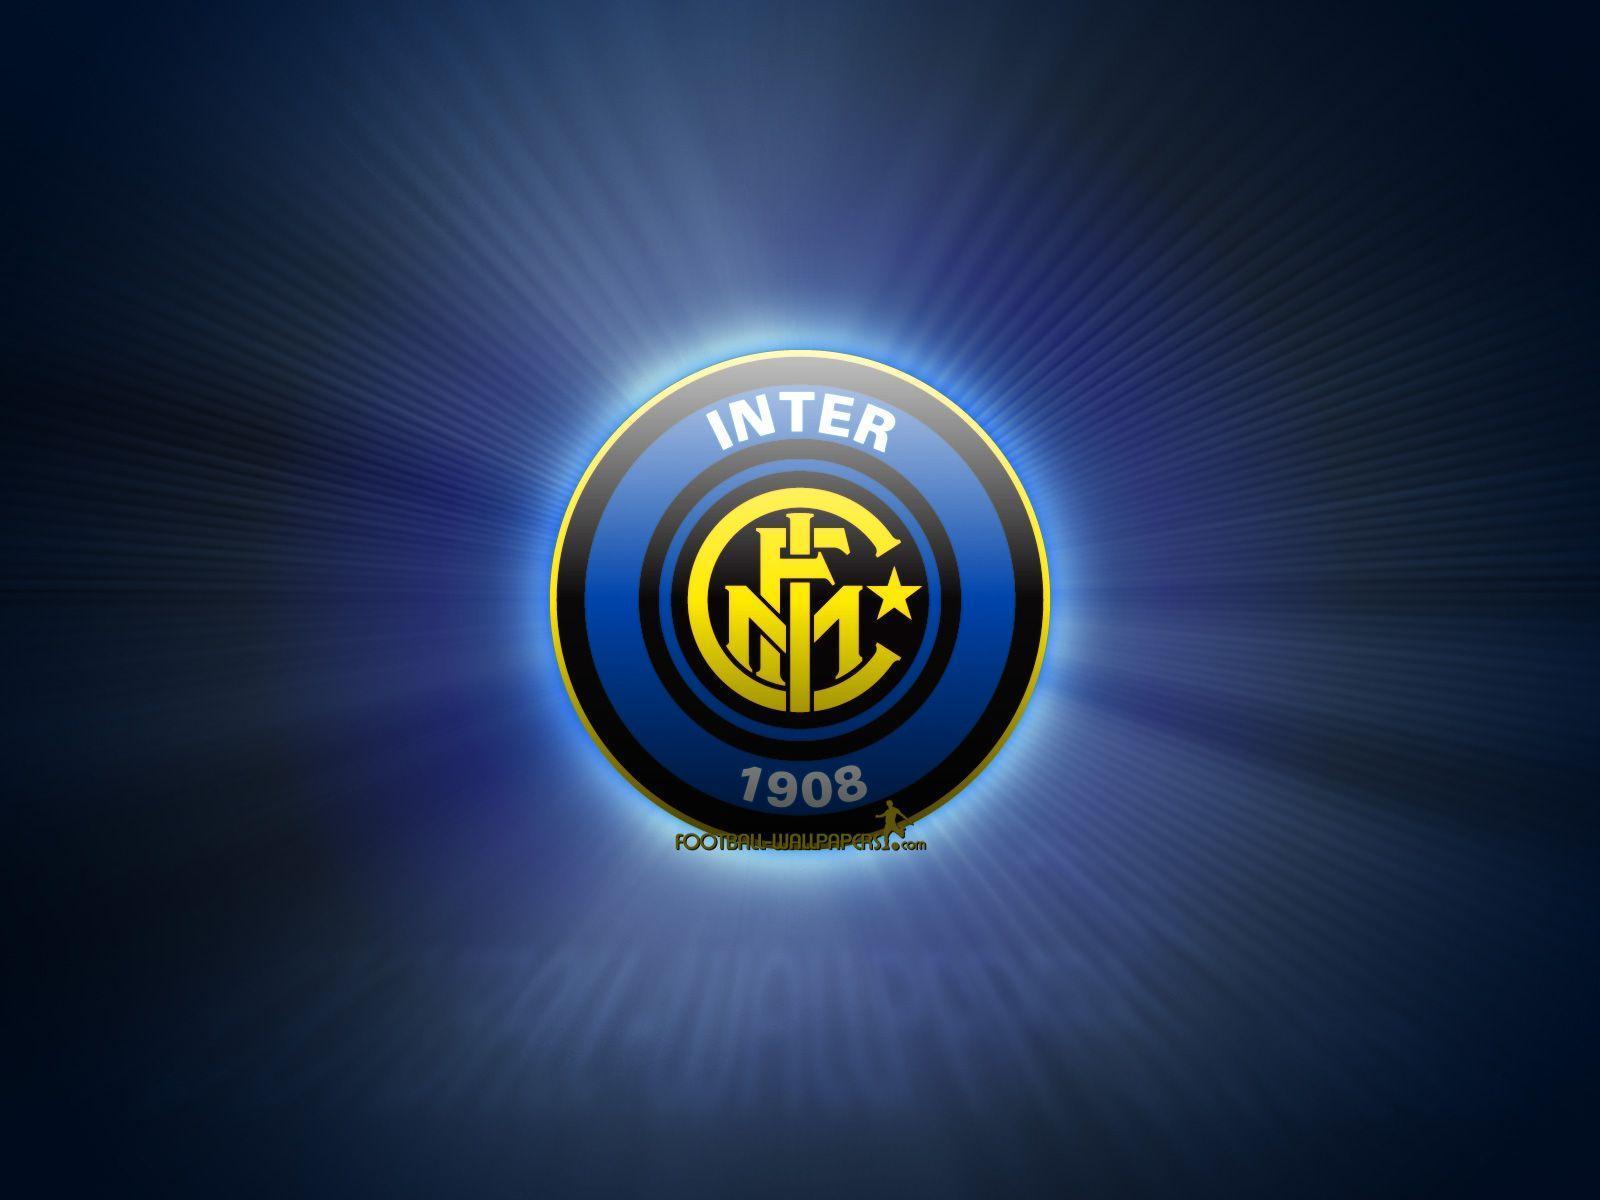 Prediksi Inter Milan - Inter Milan - Hasil Prediksi